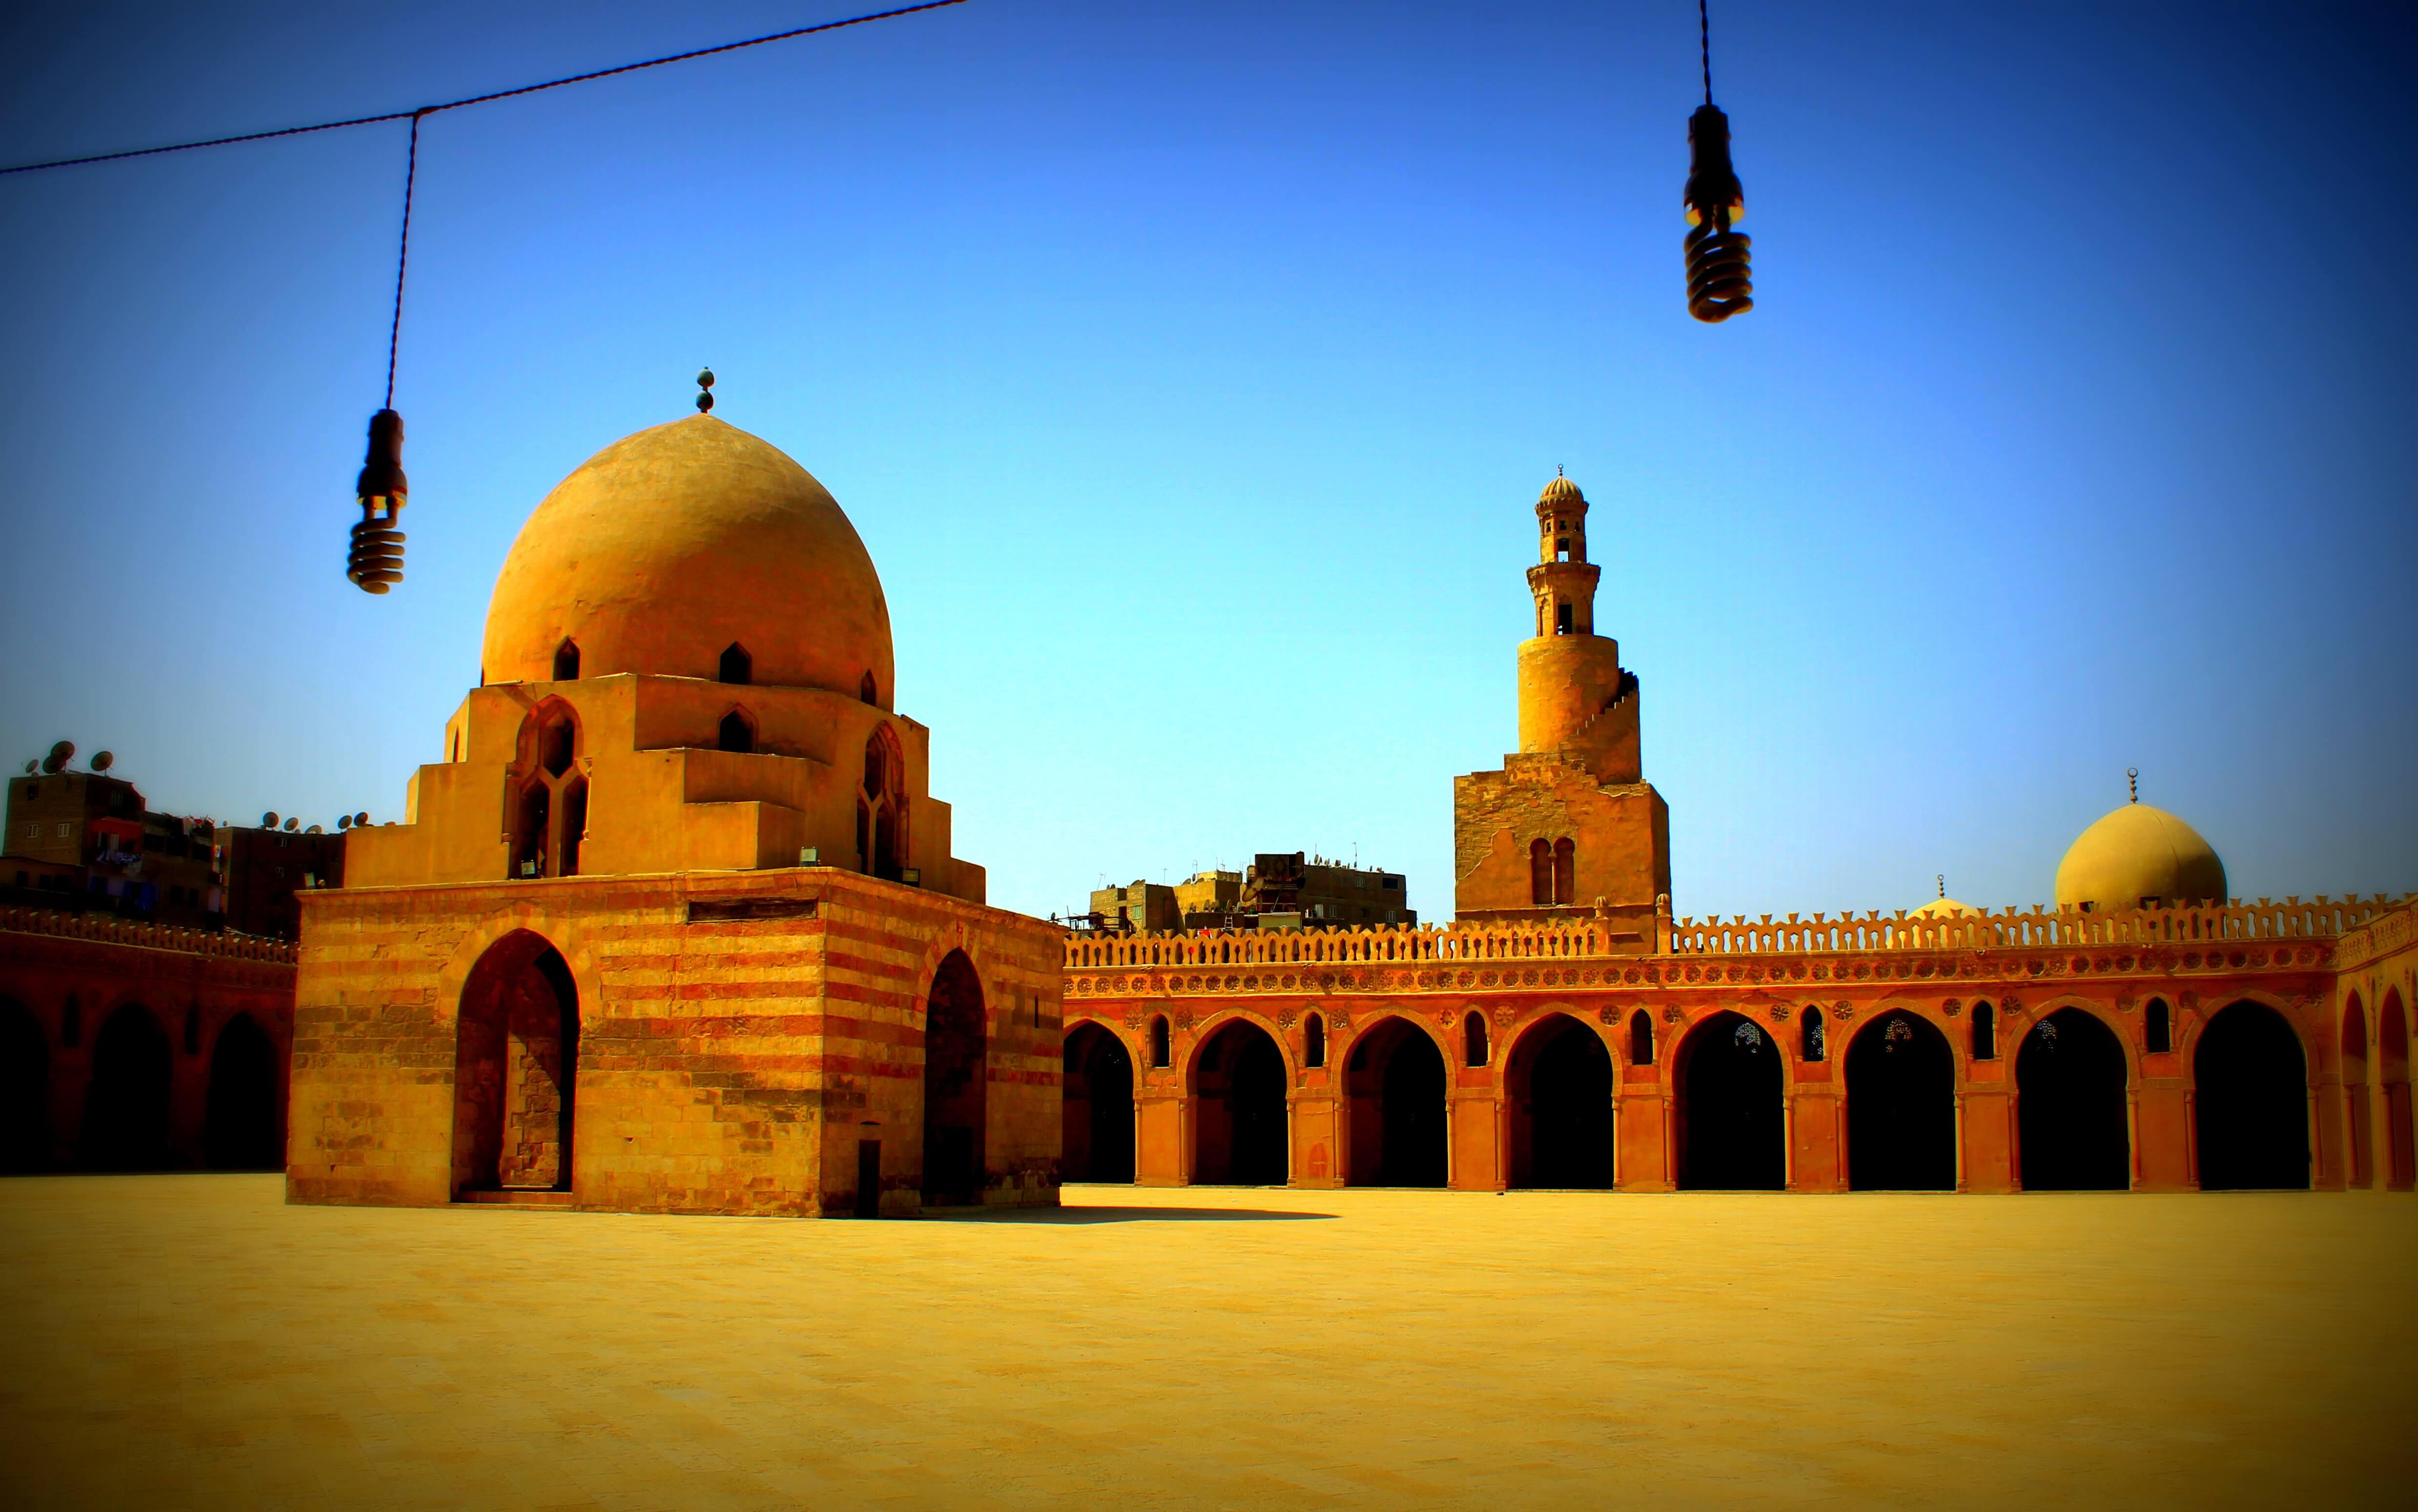 رمضان زمان (15)  .. المأذنة المَلوية (مصري قبطي .. أم سامرائي عراقي) ؟